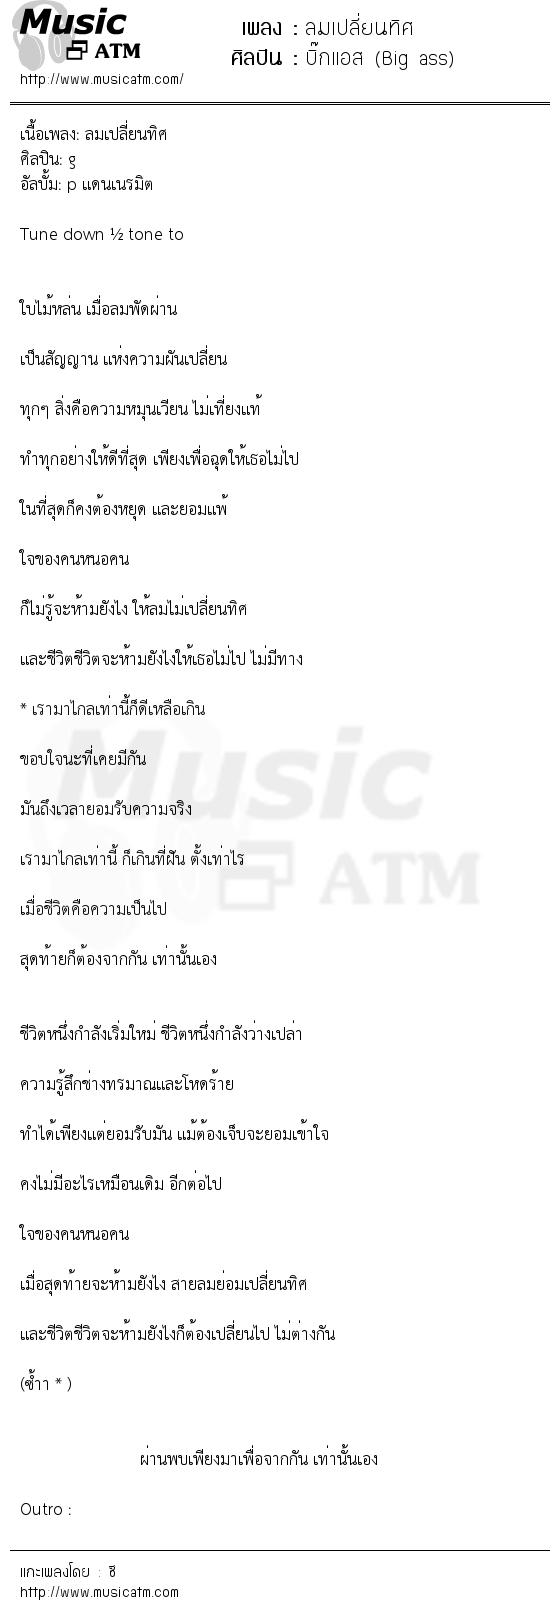 เนื้อเพลง ลมเปลี่ยนทิศ - บิ๊กแอส (Big ass) | เพลงไทย